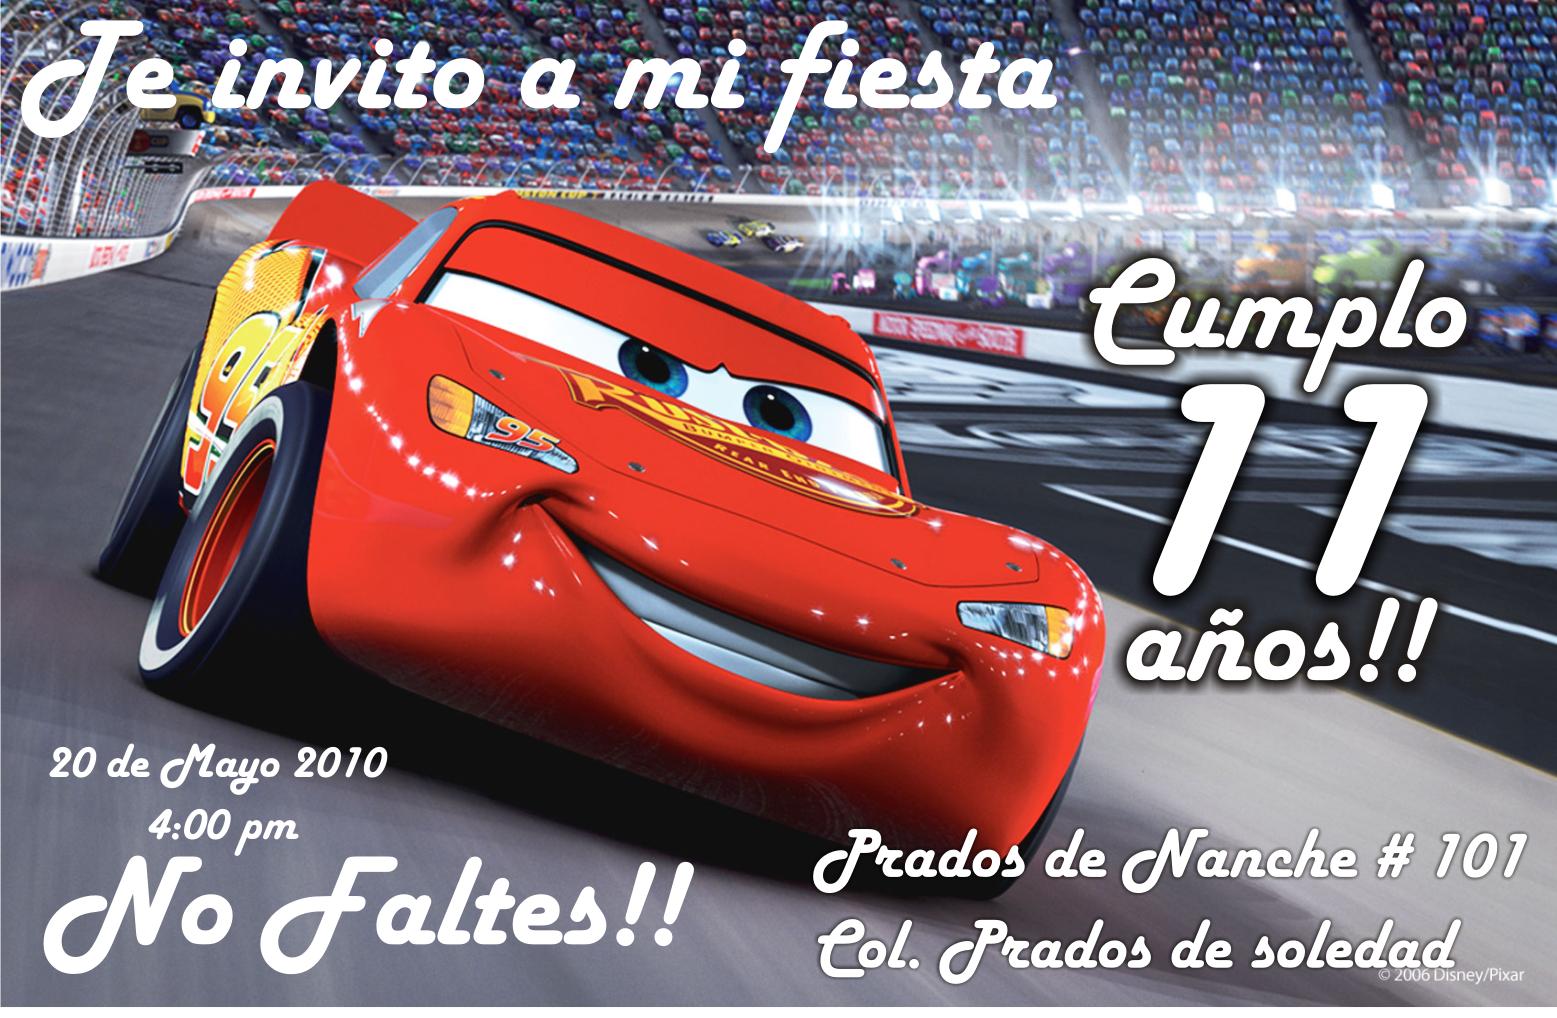 Invitaciones De Cumpleanos Cars En Hd Gratis Para Descargar 4 En Hd Gratis Ifunny Funny Memes Memes